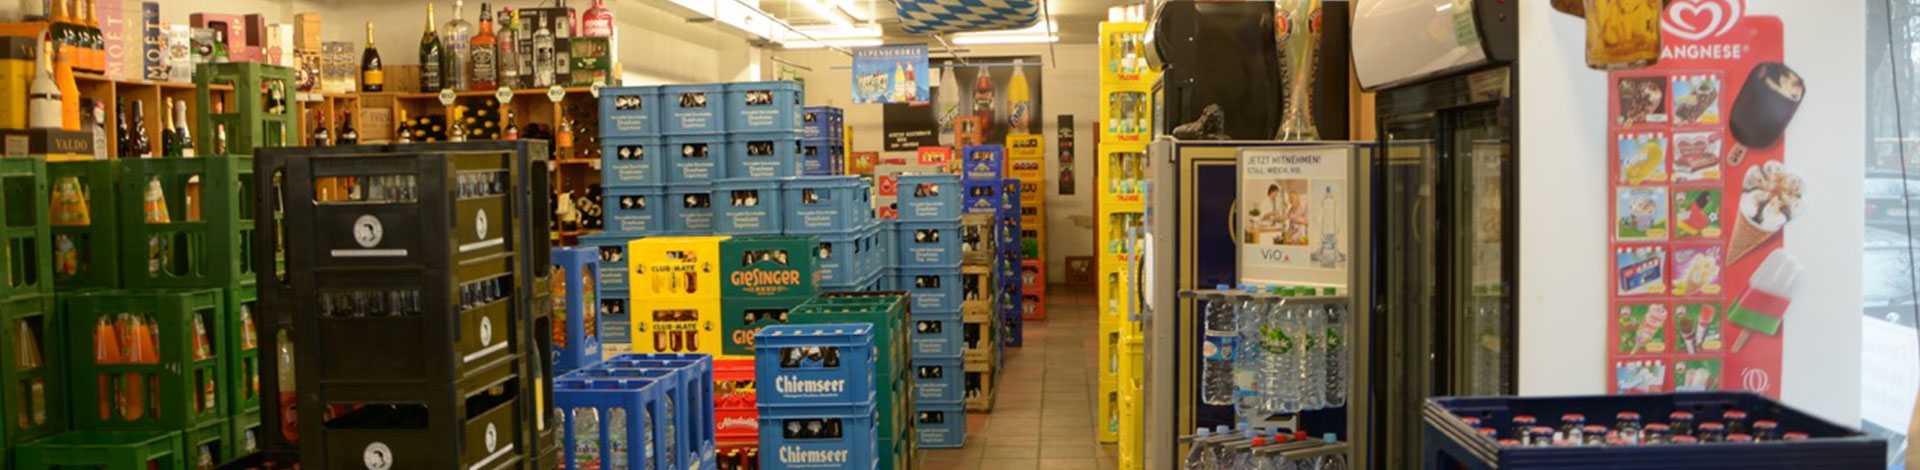 Getränkemarkt und Lieferservice   Isarquelle München